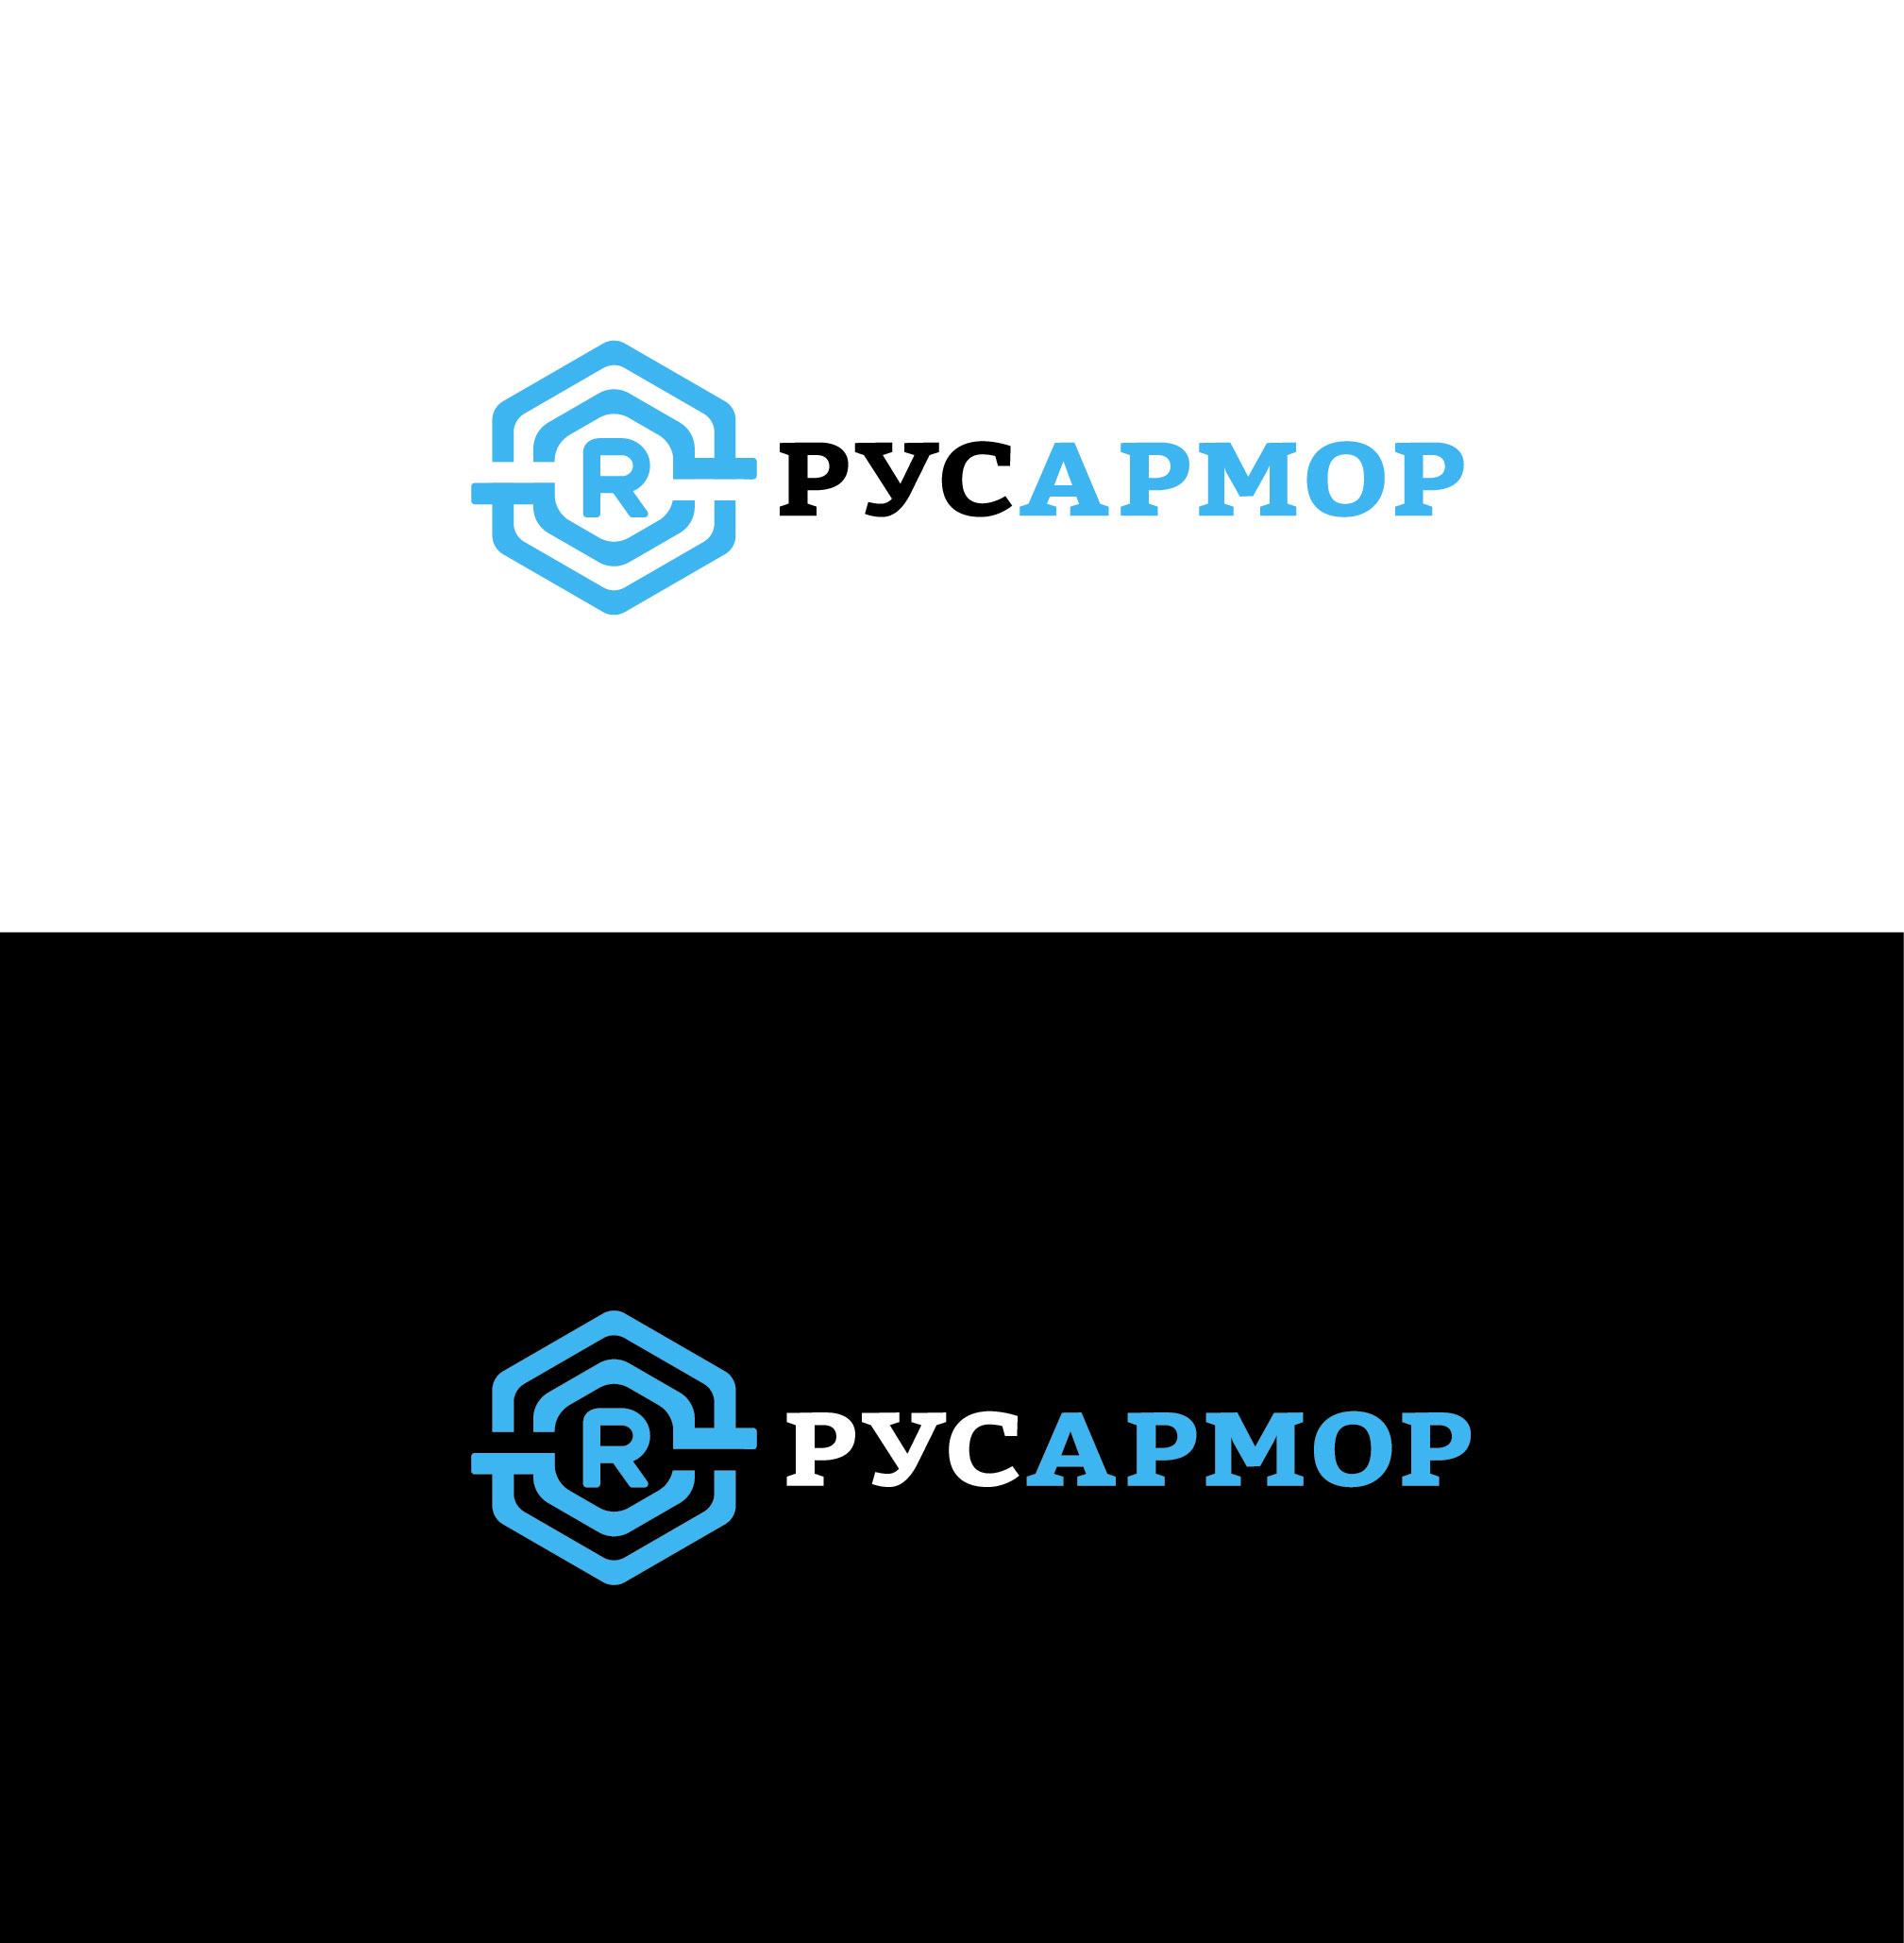 Разработка логотипа технологического стартапа РУСАРМОР фото f_9085a08de54917f1.jpg